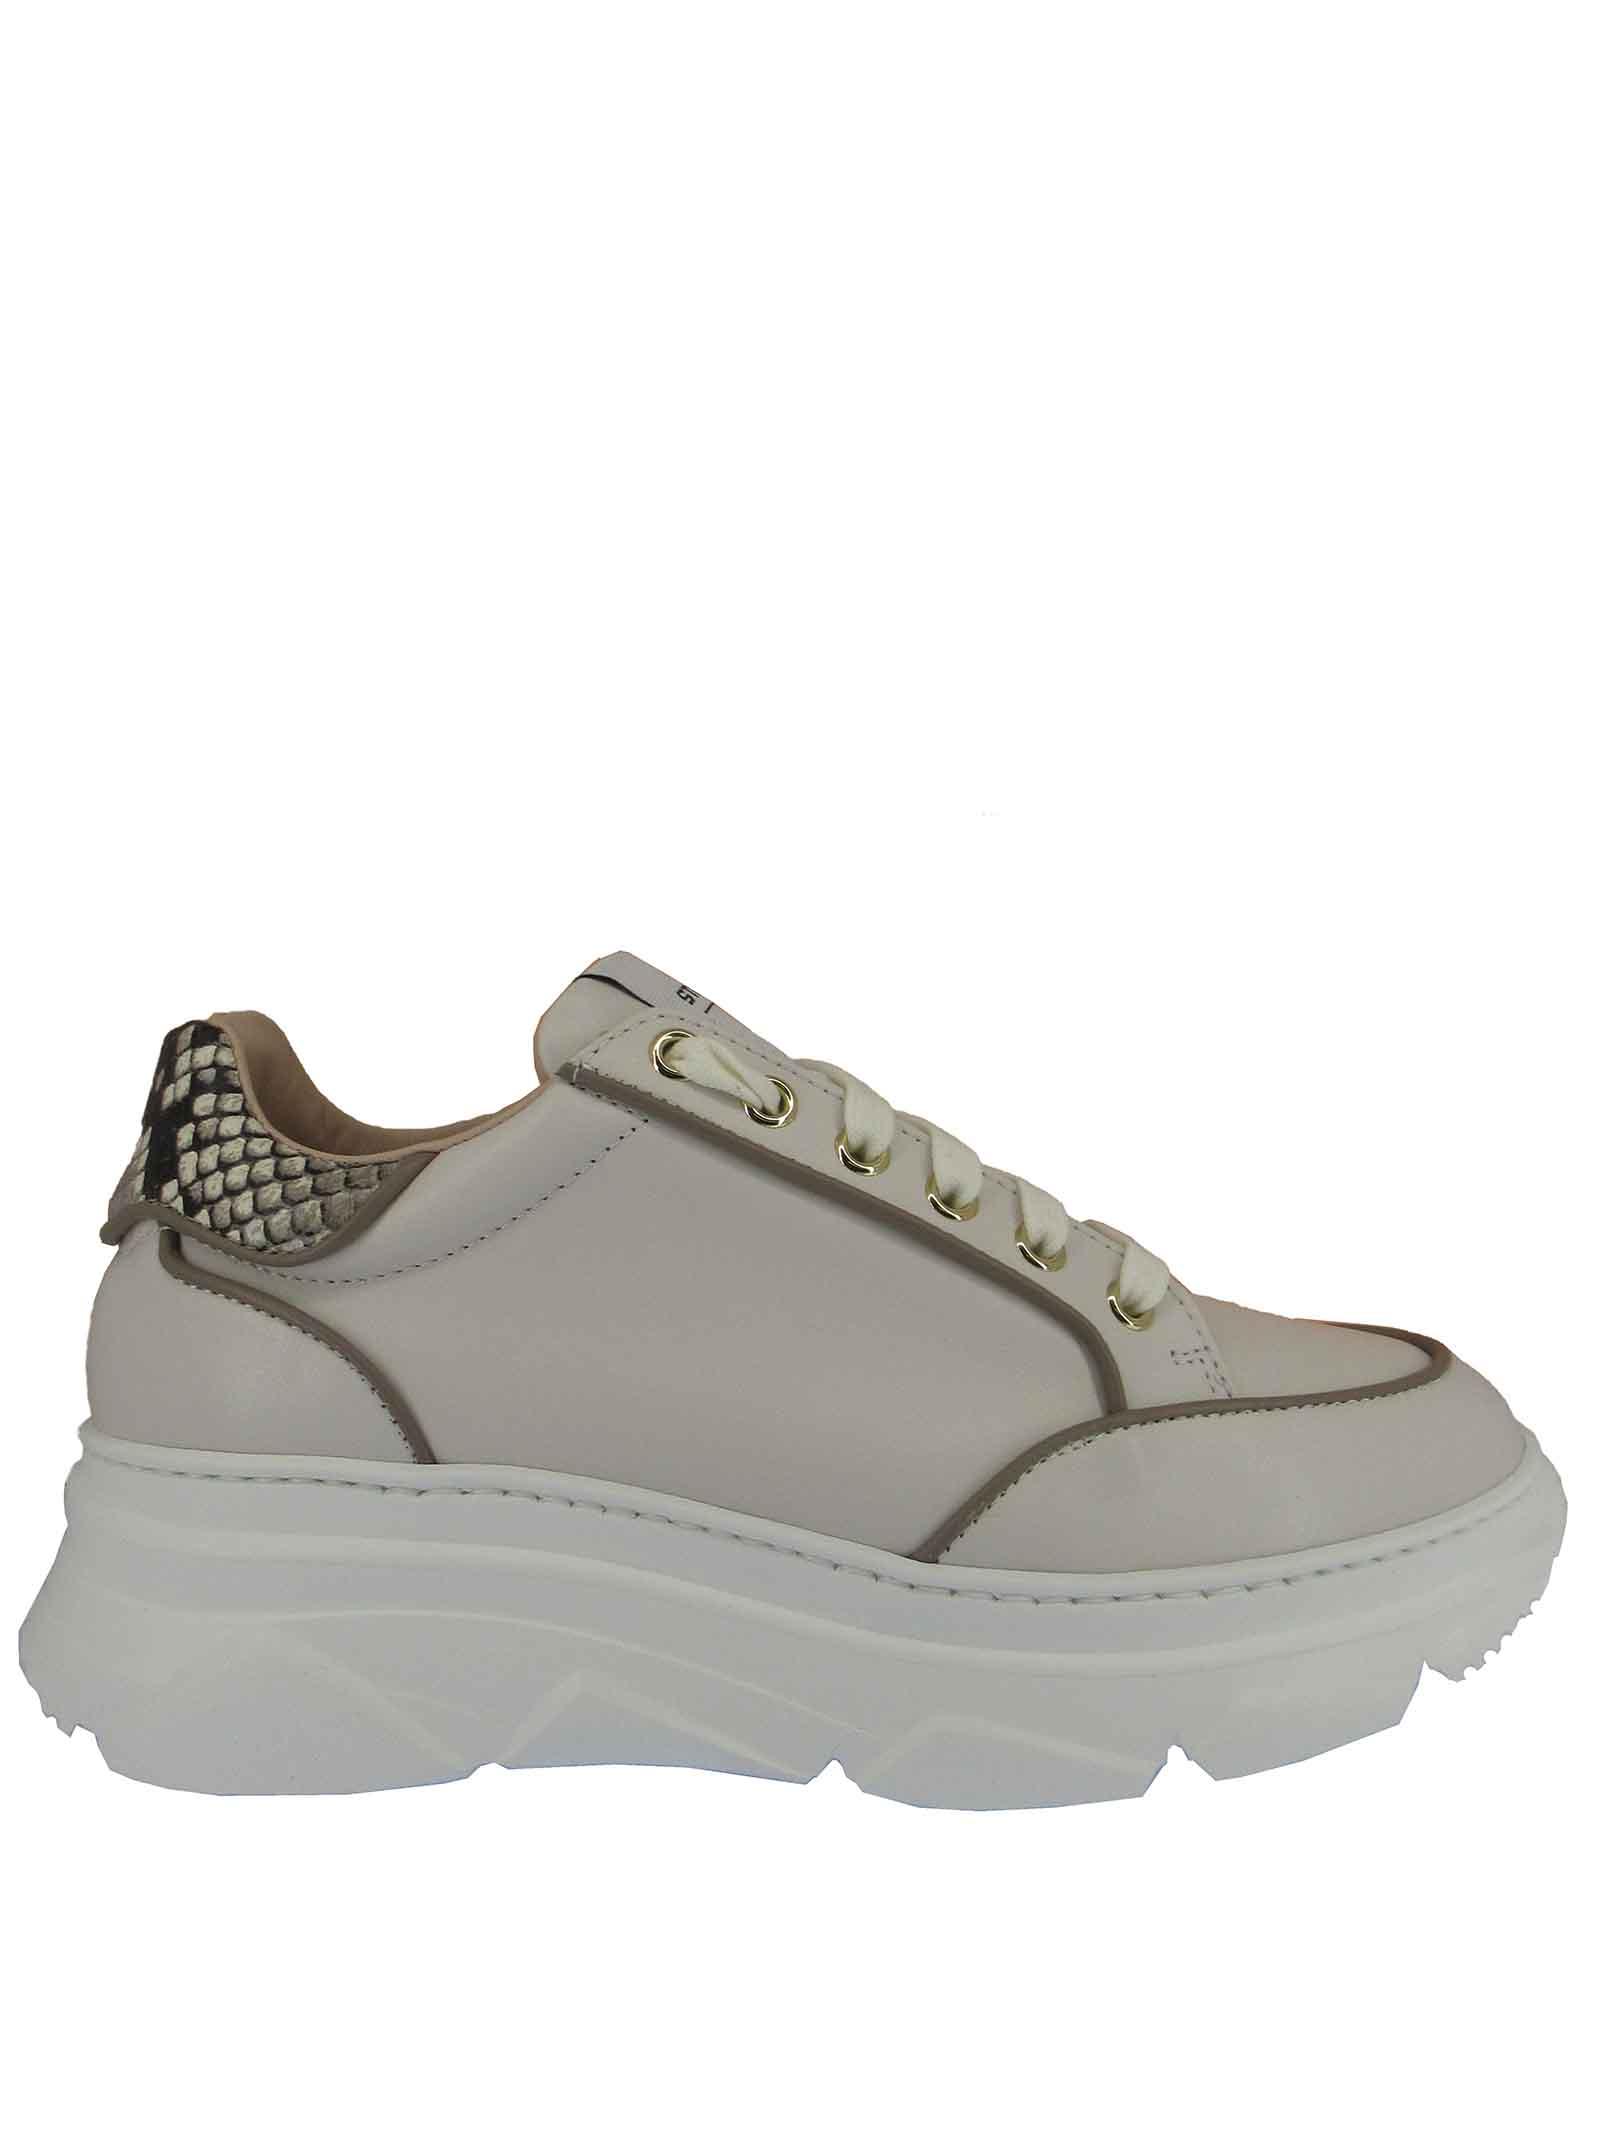 Calzature Donna Sneakers Stringate in Pelle Panna con Riporti in Pelle Pitone e Fondo Zeppa Stokton   Sneakers   421-D502